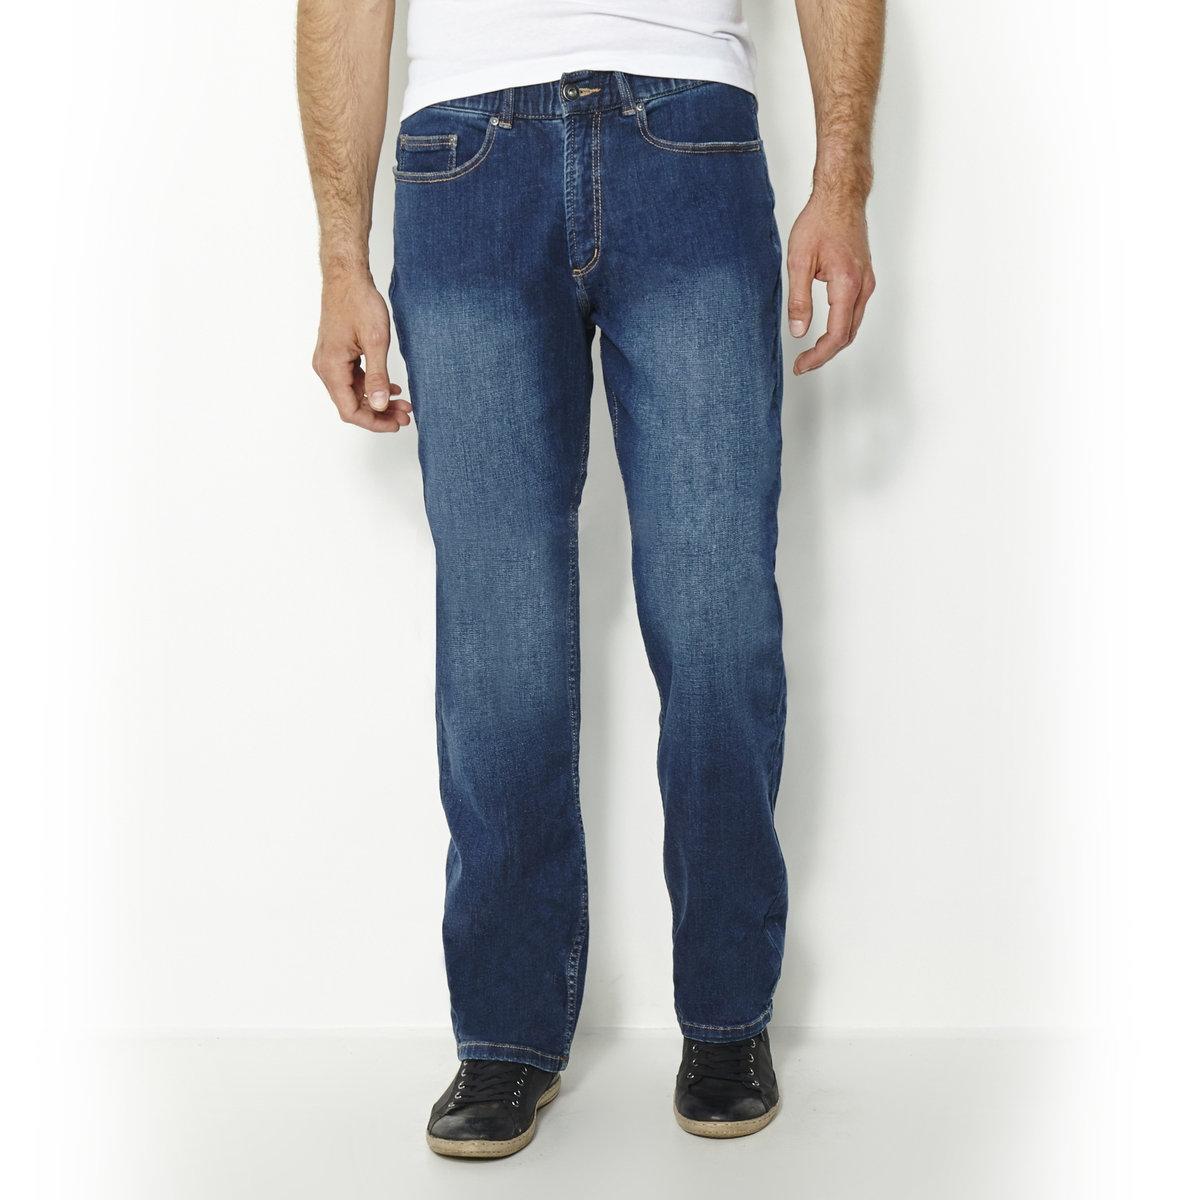 Джинсы прямые из денима стретч с эластичным поясом, длина 2 джинсы расклешенного покроя из денима стретч